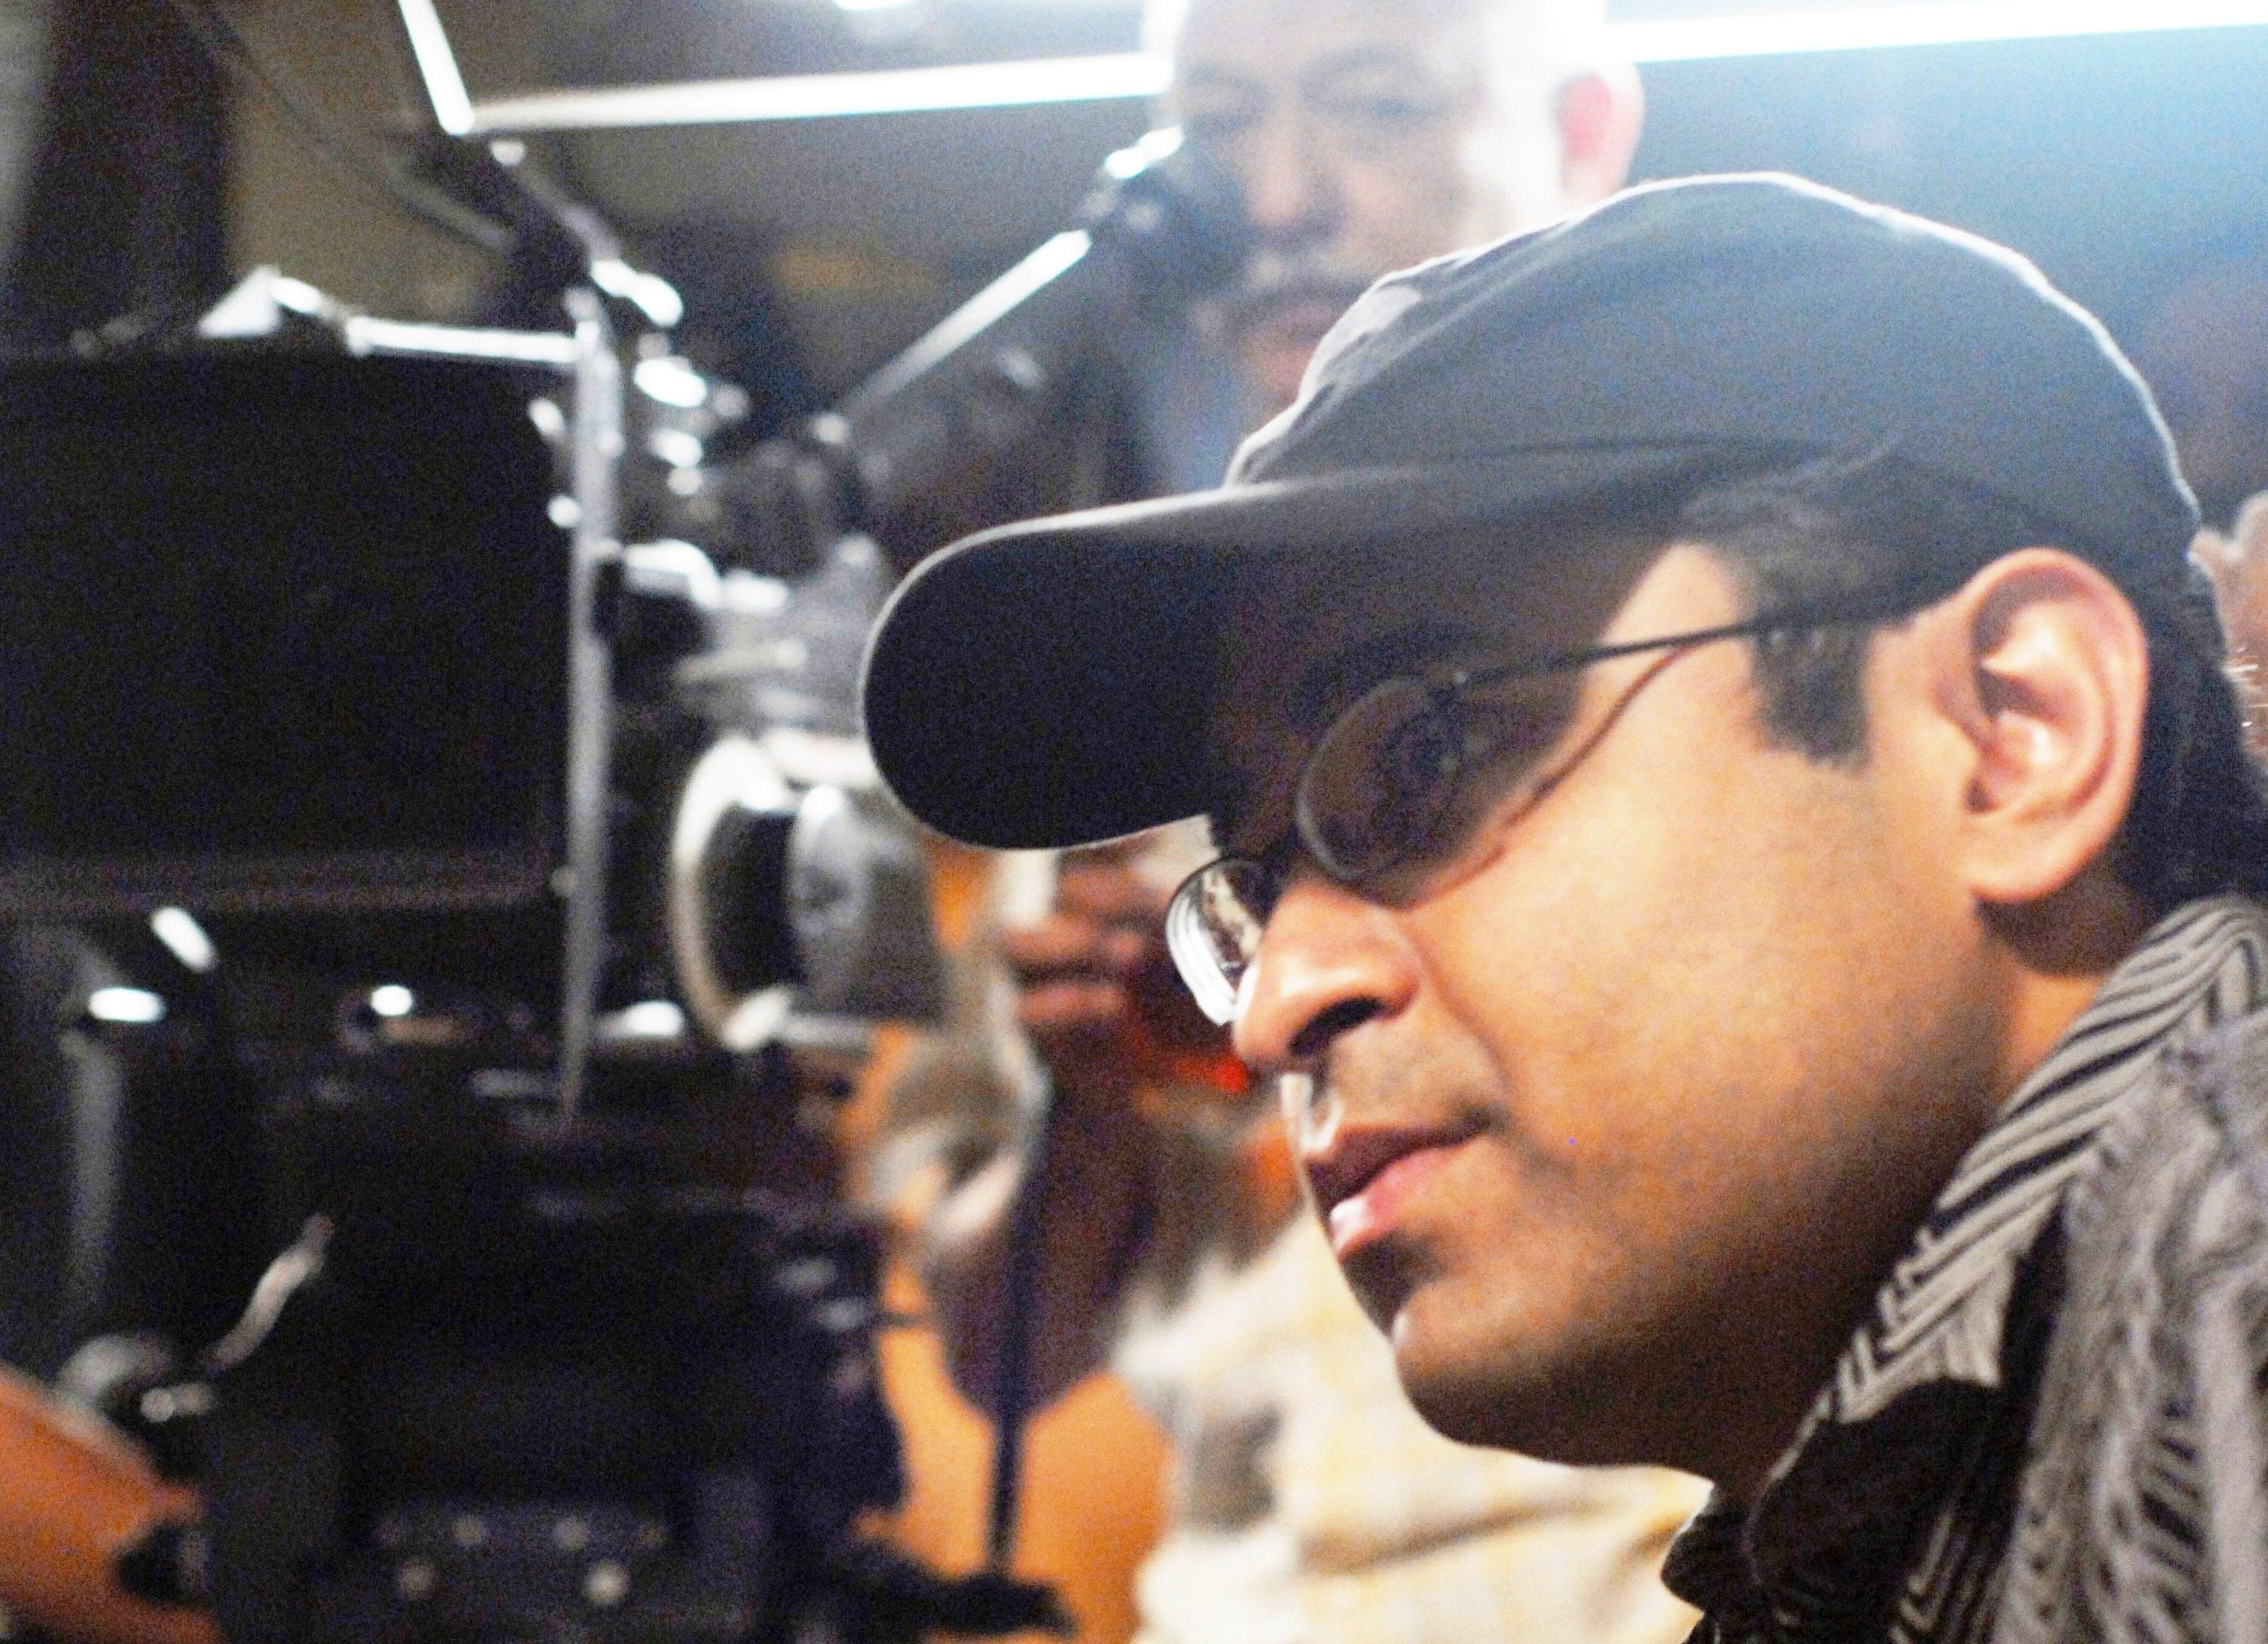 Suman Ghosh, Director, Kadambari